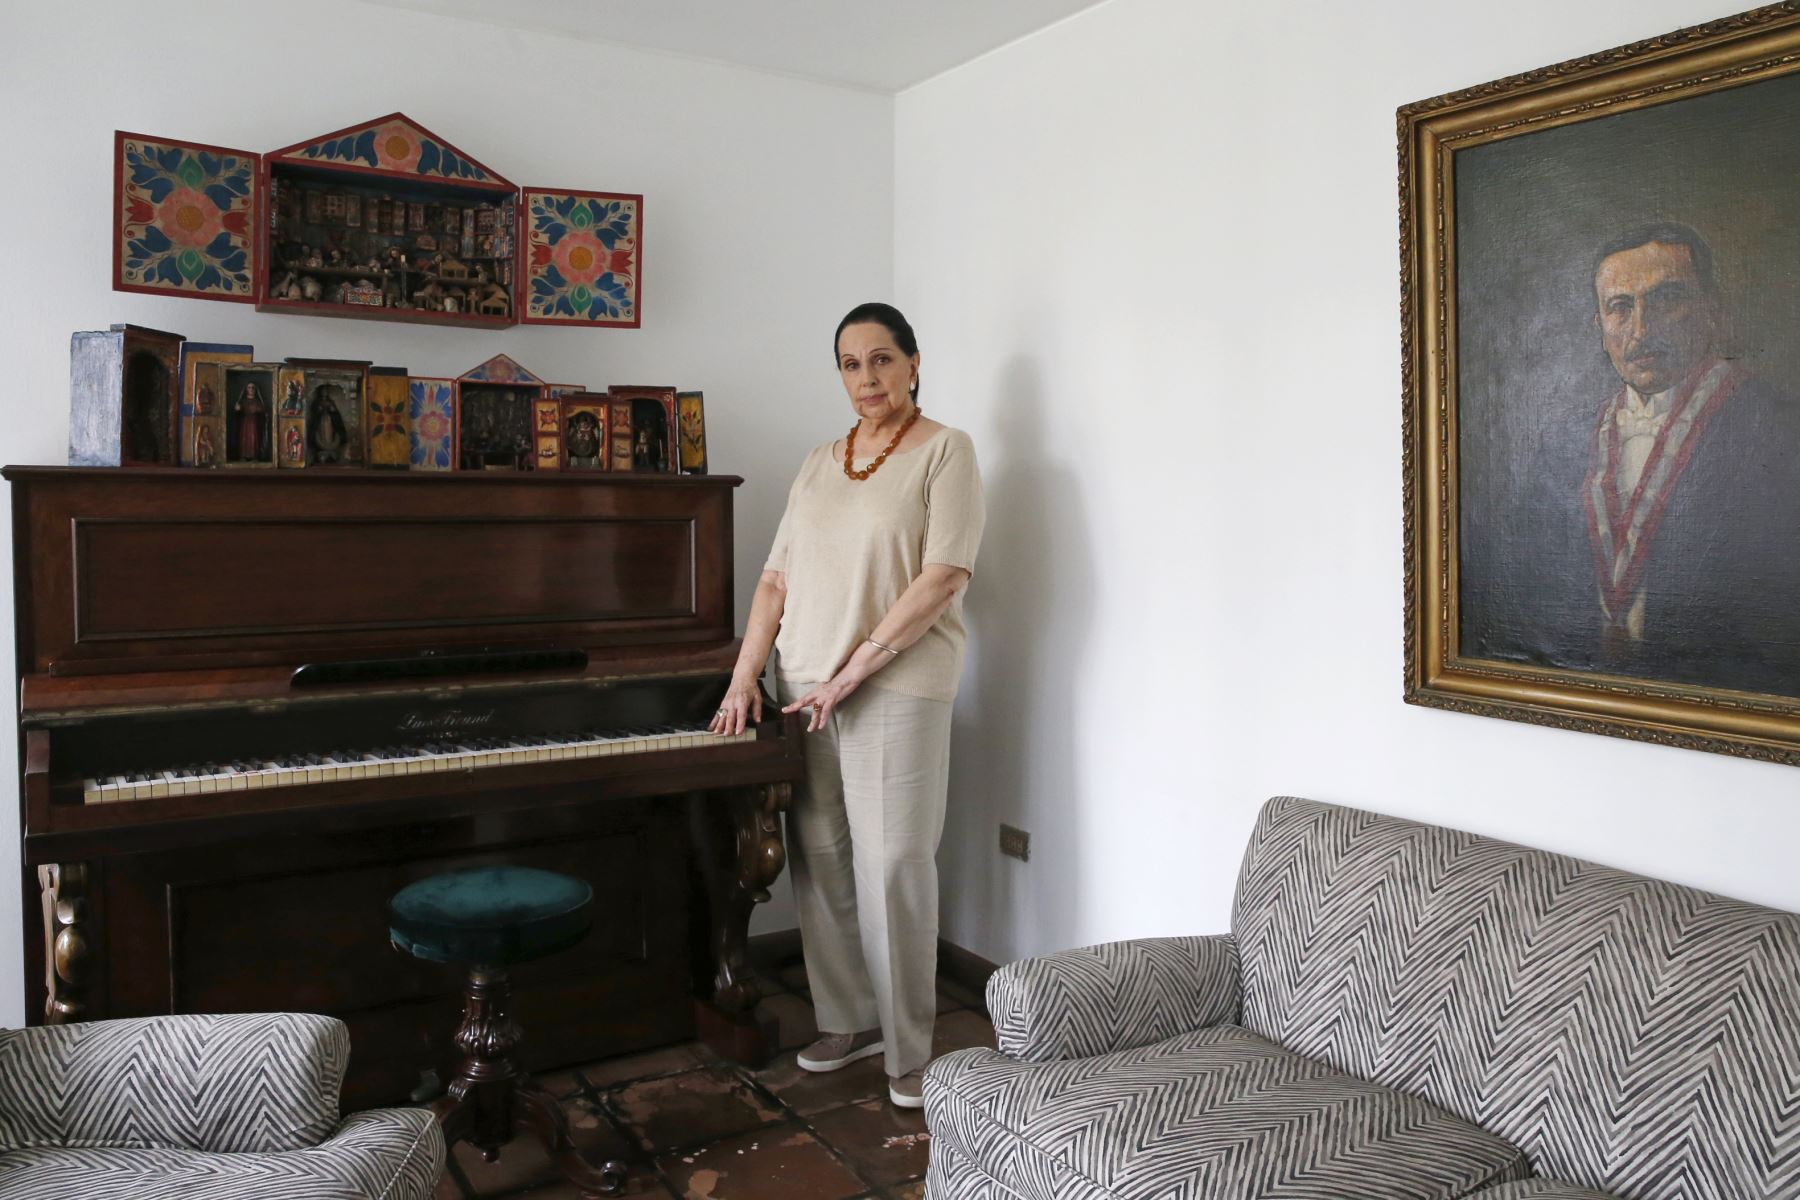 """Entrevista Alicia Maguiña. Intérprete y compositora peruana presenta su libro """"Mi vida entre cantos"""". Foto: ANDINA/Nathalie Sayago"""